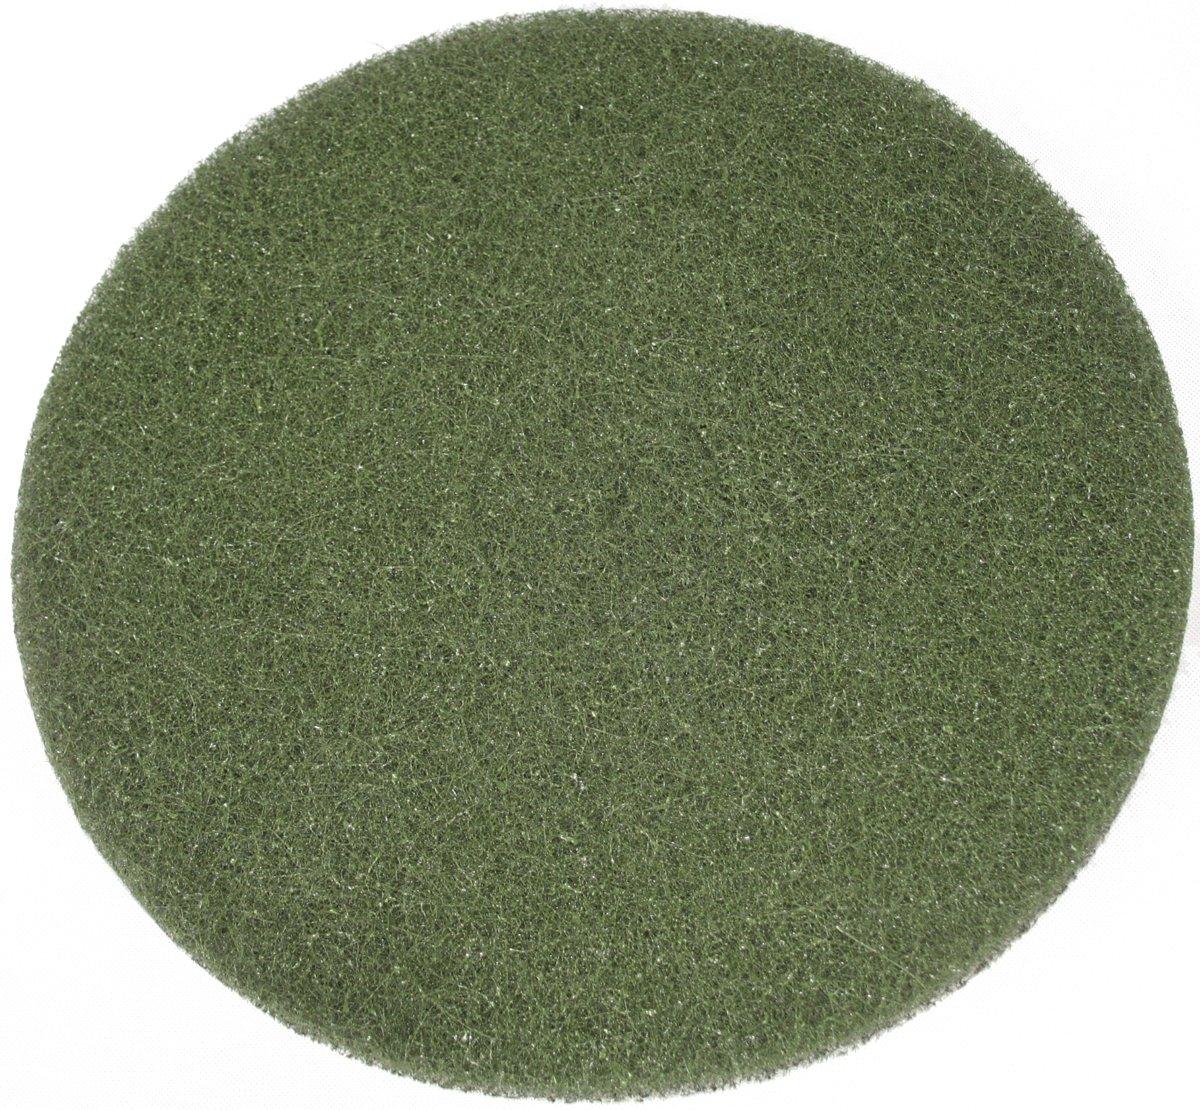 Diamantpads 42.5 cm, 2 cm, 17 inch groen kopen